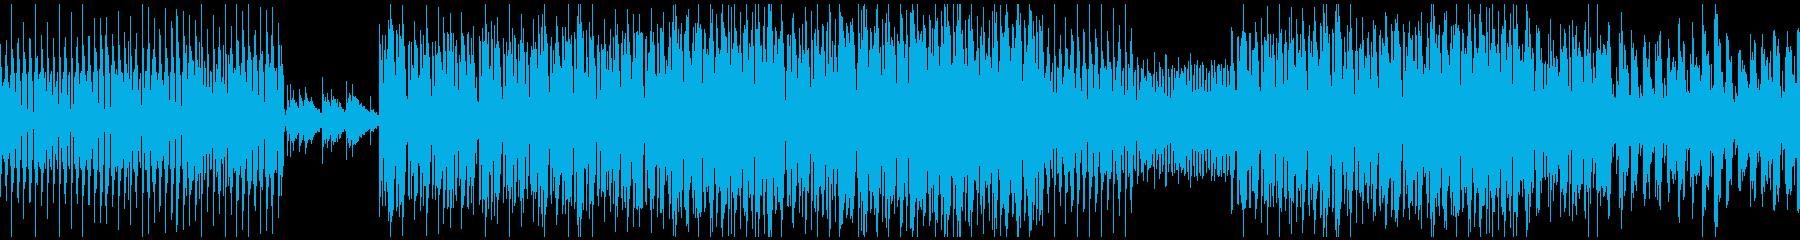 ダフトパンク的なディスコ曲ですの再生済みの波形